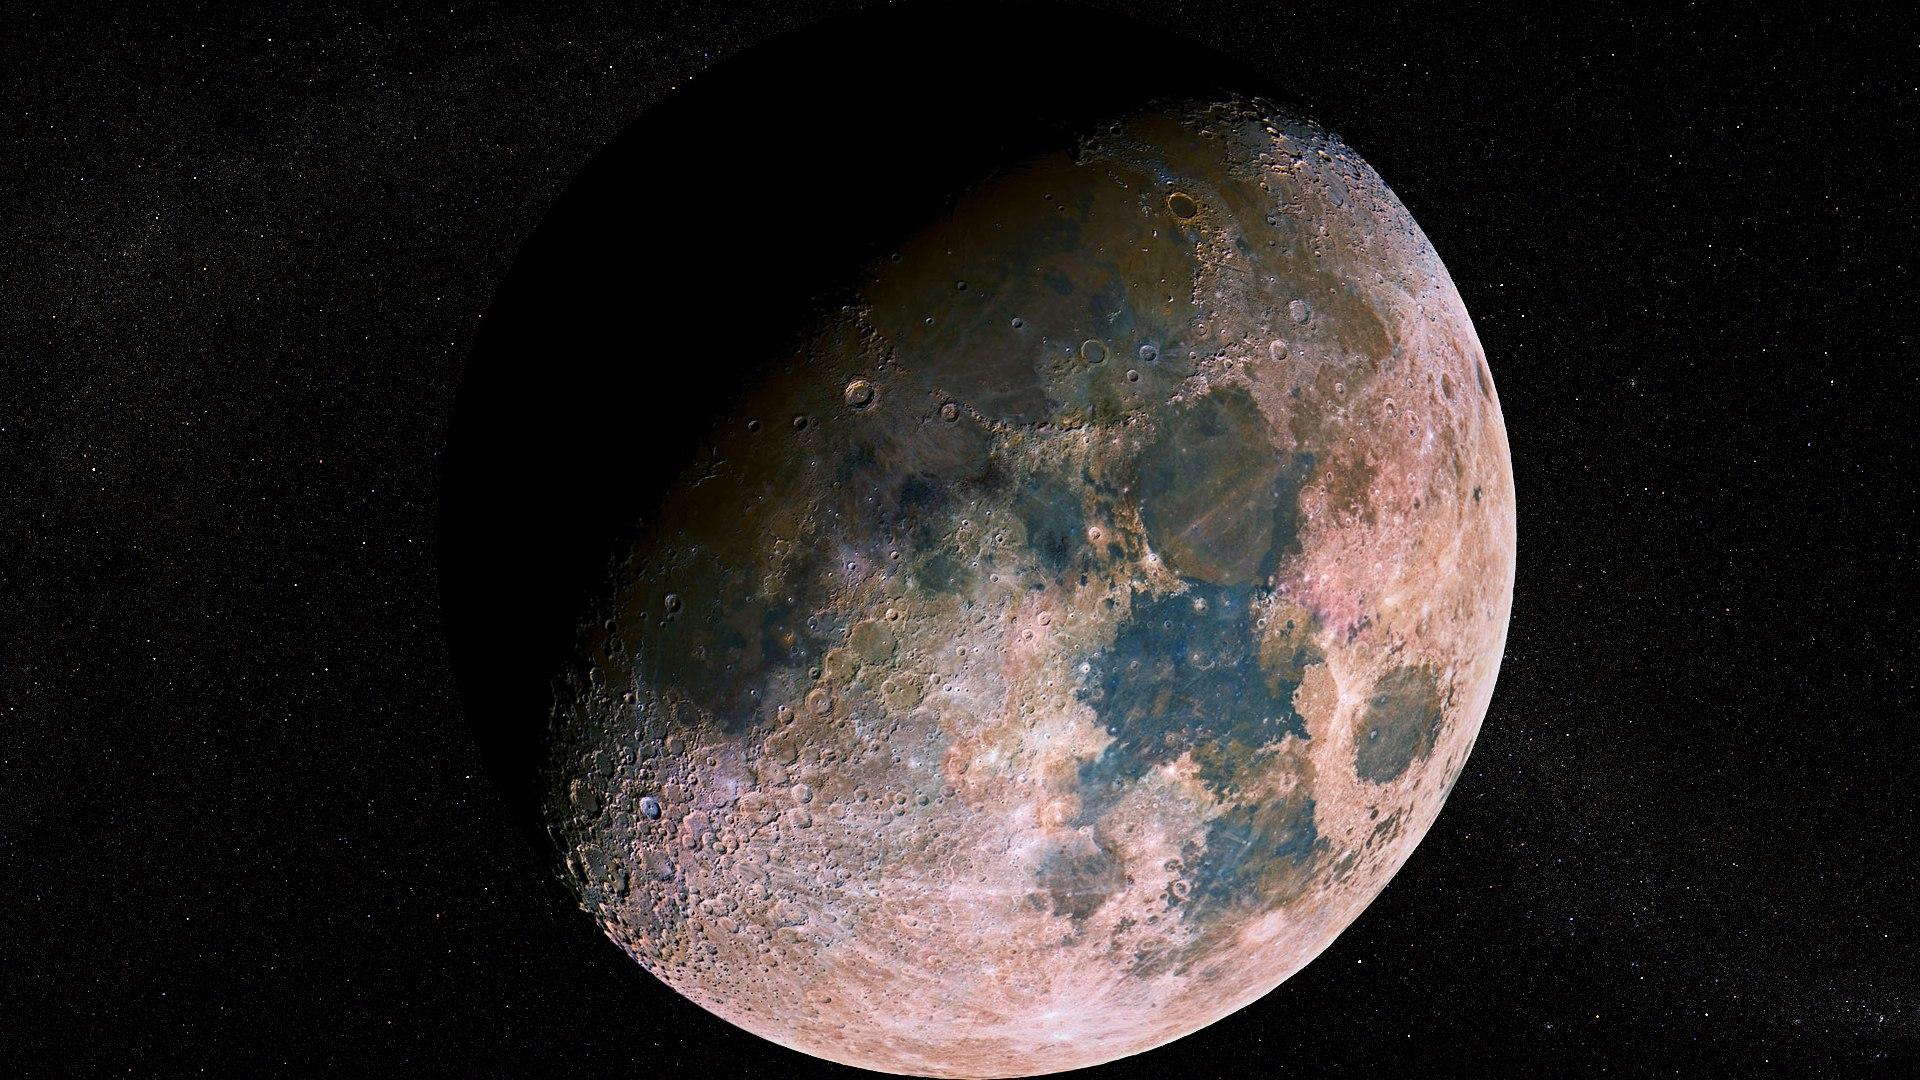 космос обои луна, галактика, вселенная, 1920 на 1080 пикселей